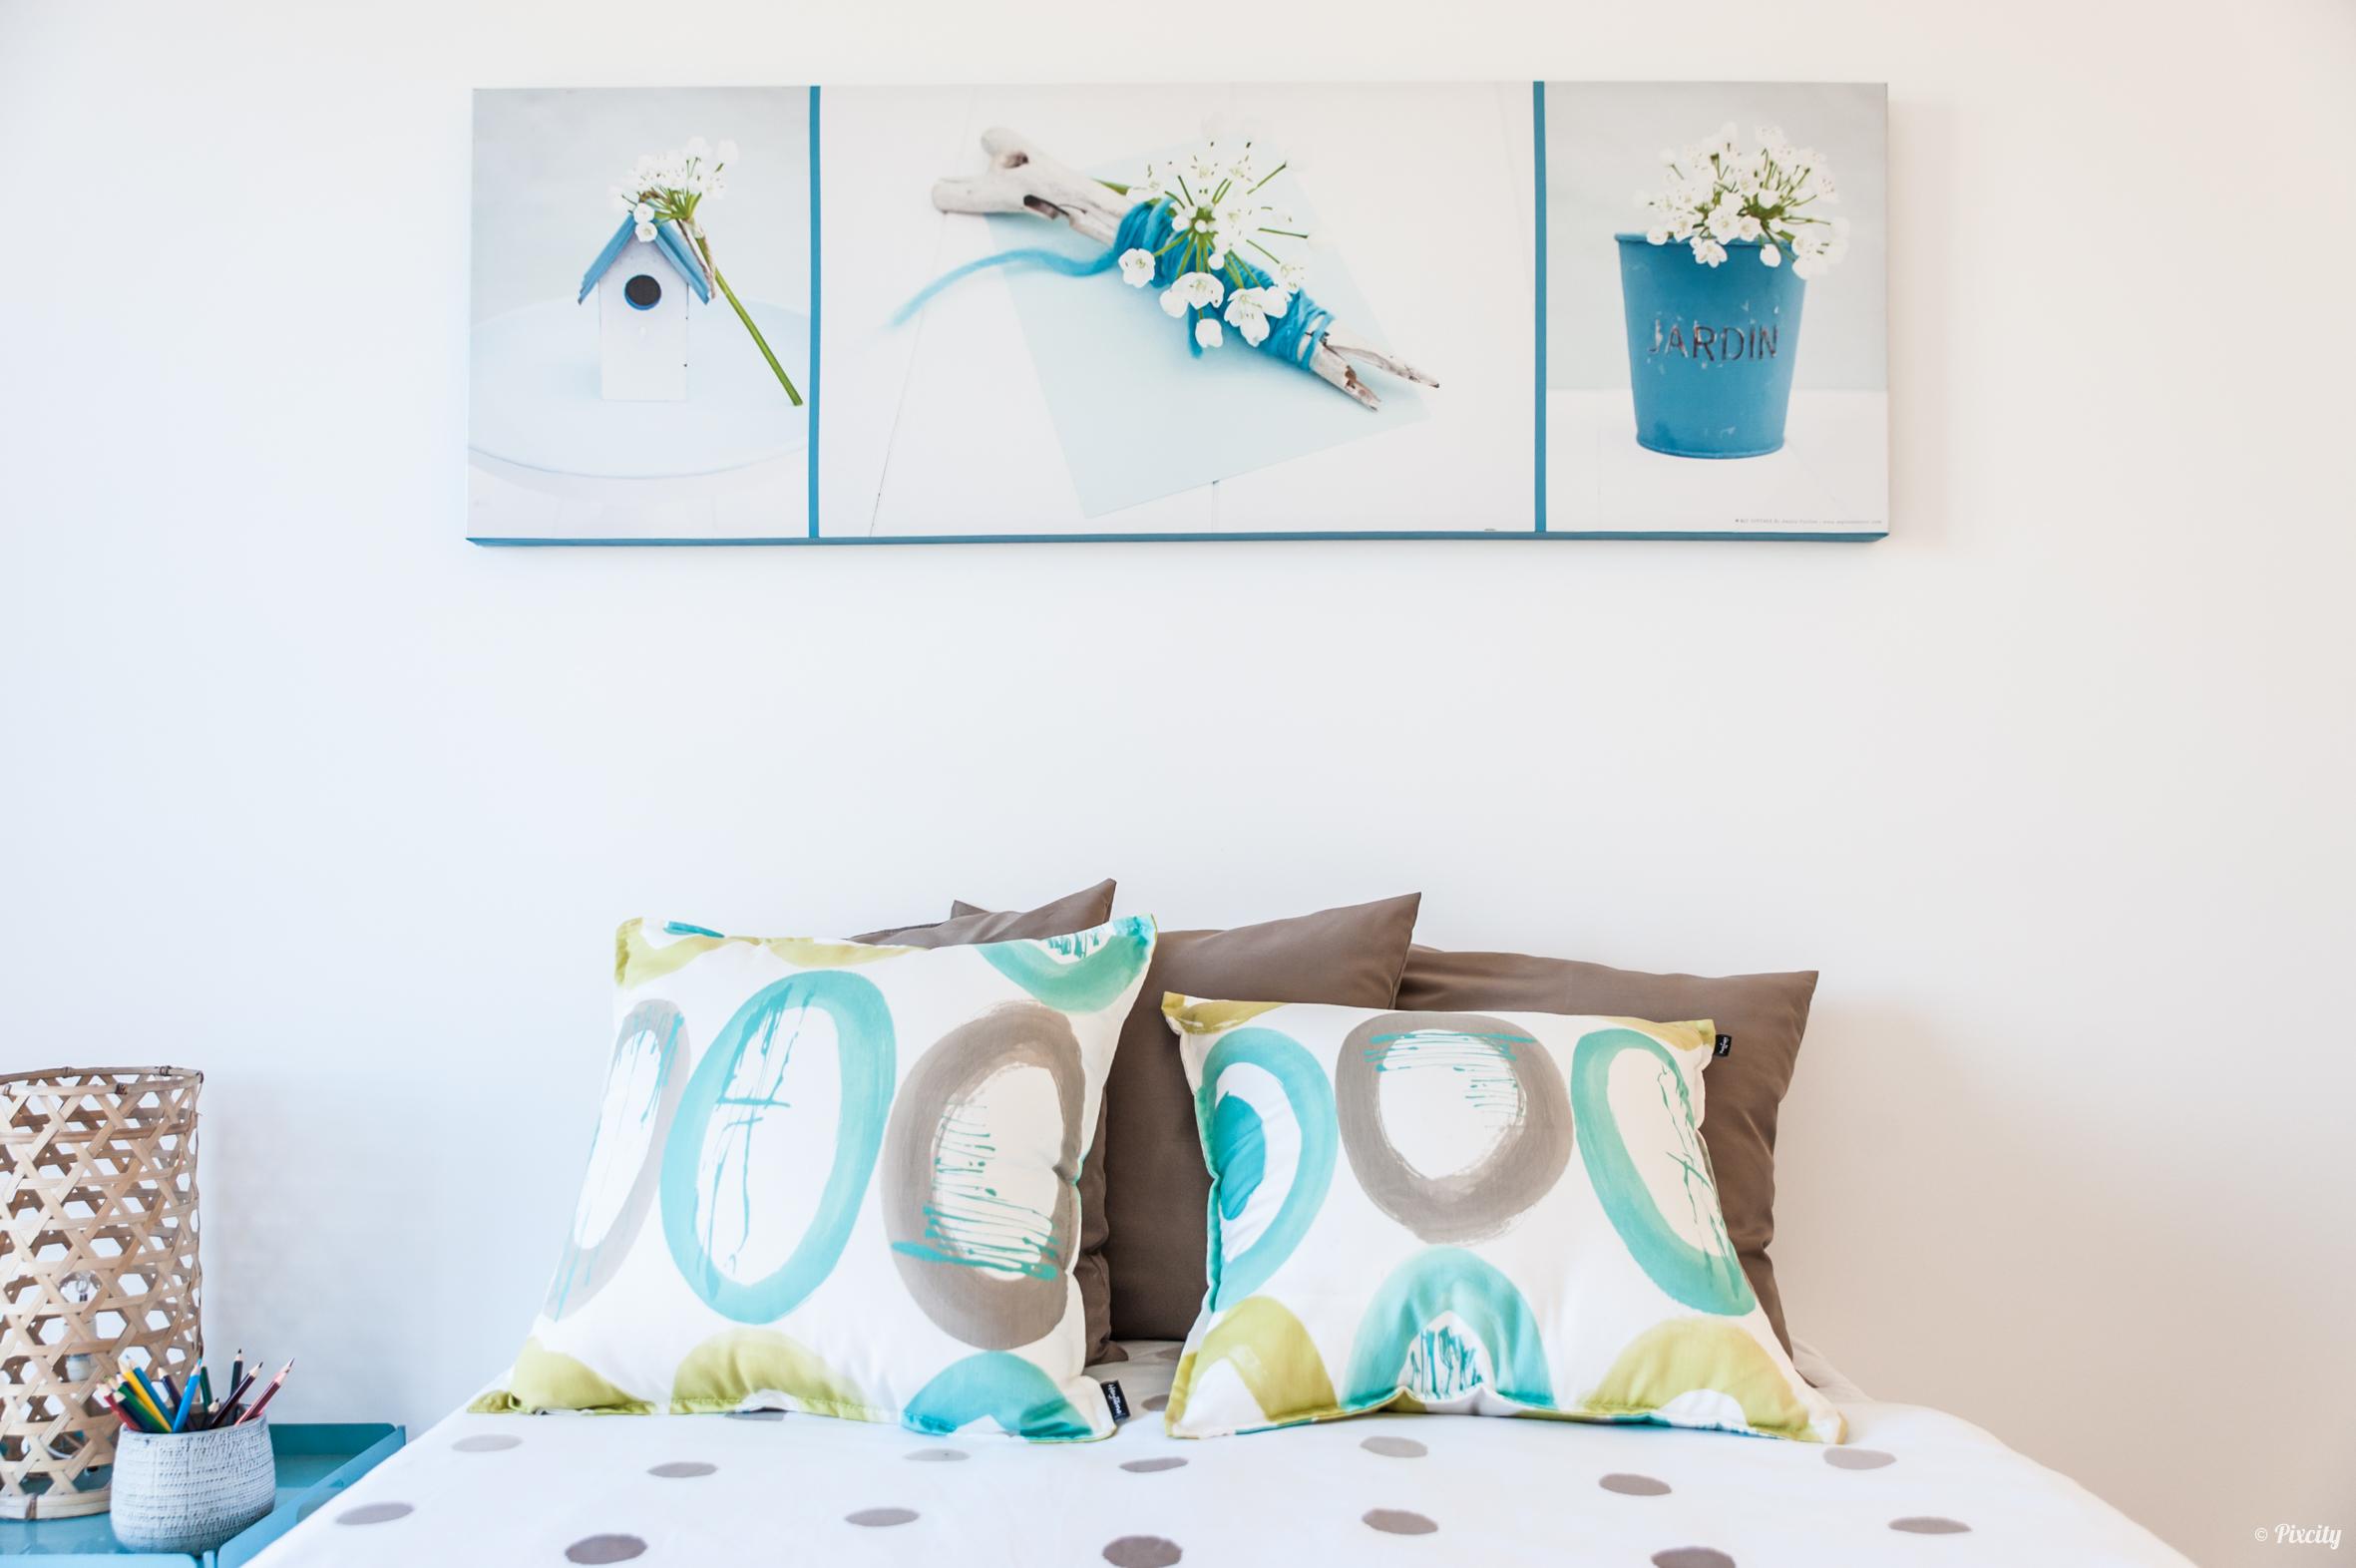 jolie maison t4 neuve saint hilaire l 39 immovation. Black Bedroom Furniture Sets. Home Design Ideas